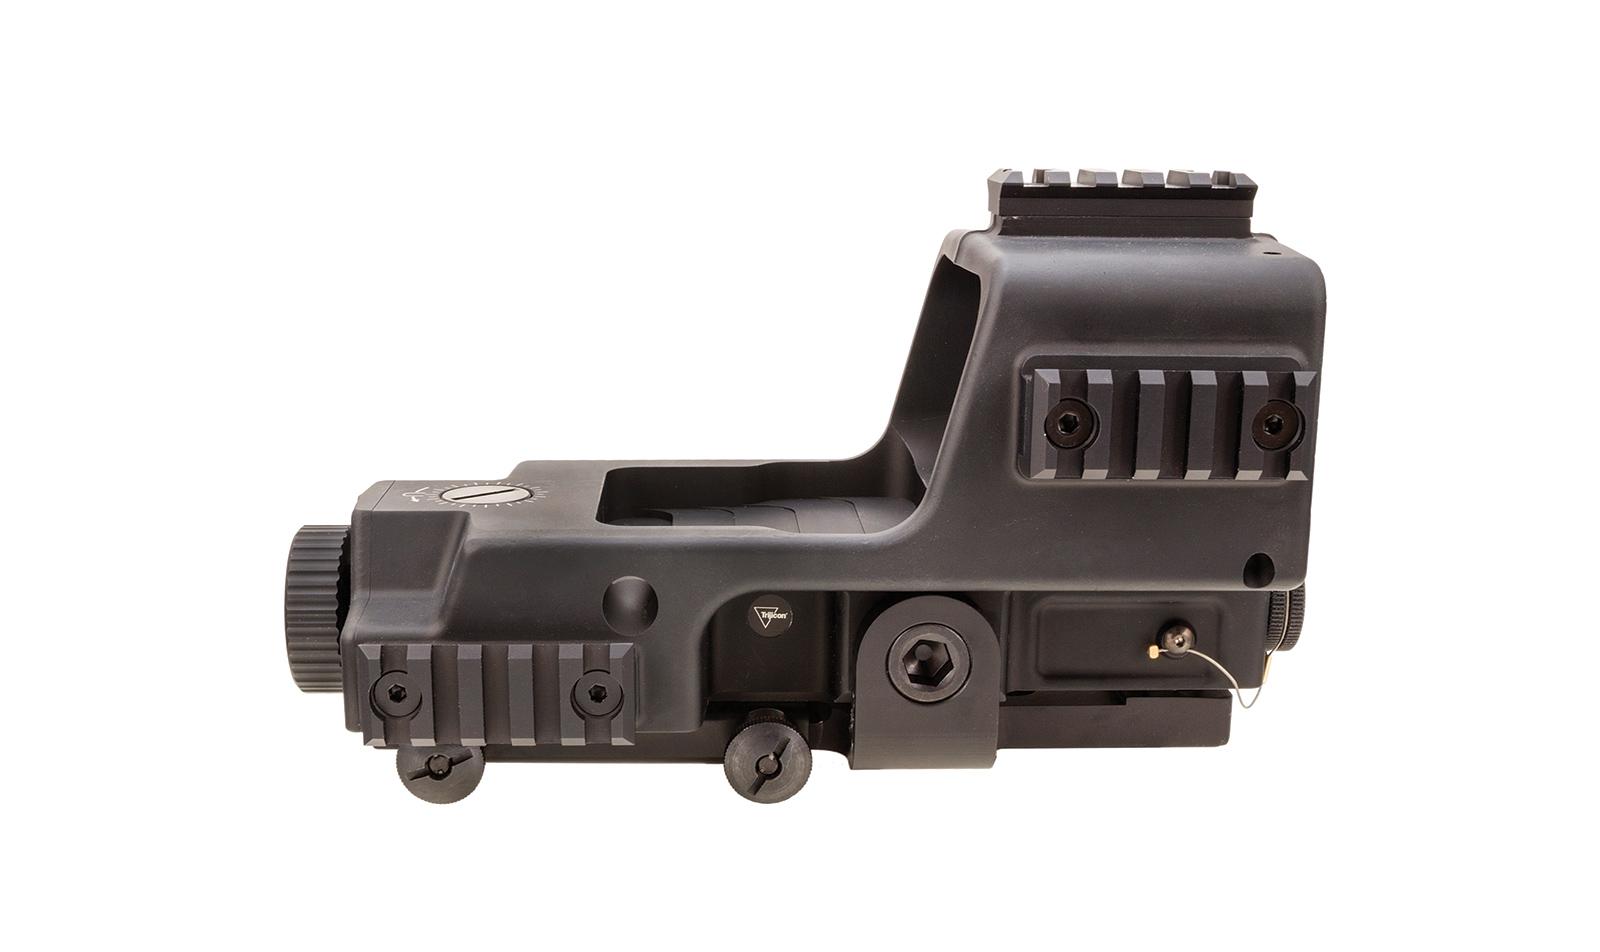 MGRS-D-2300002 angle 6